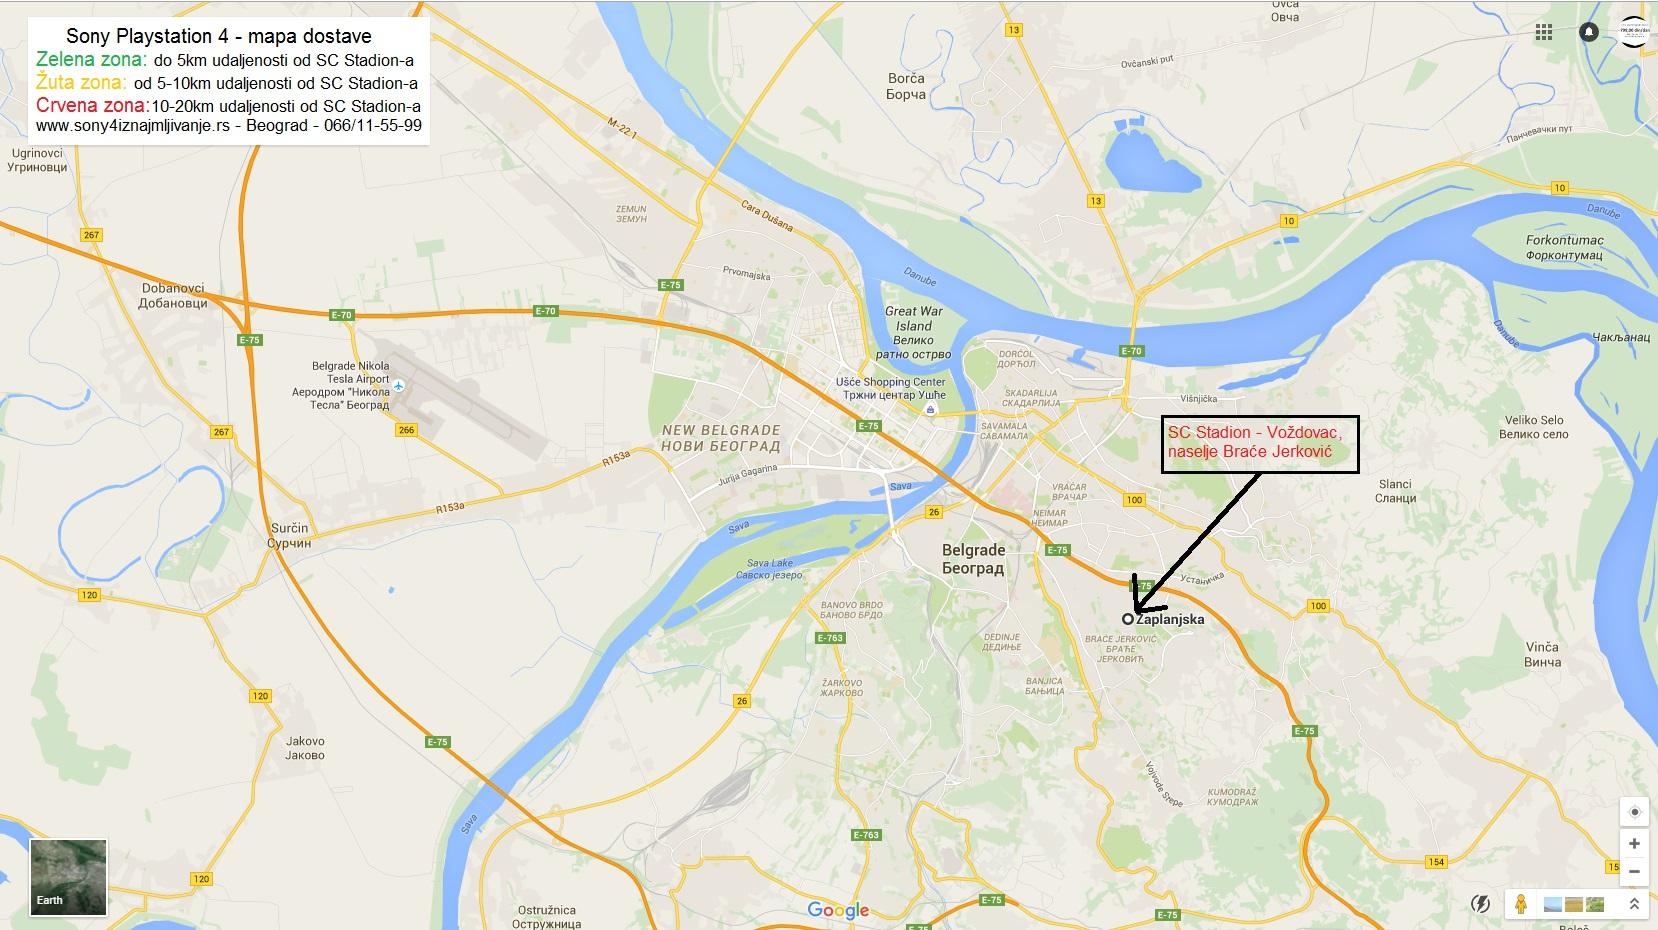 mapa dostave1